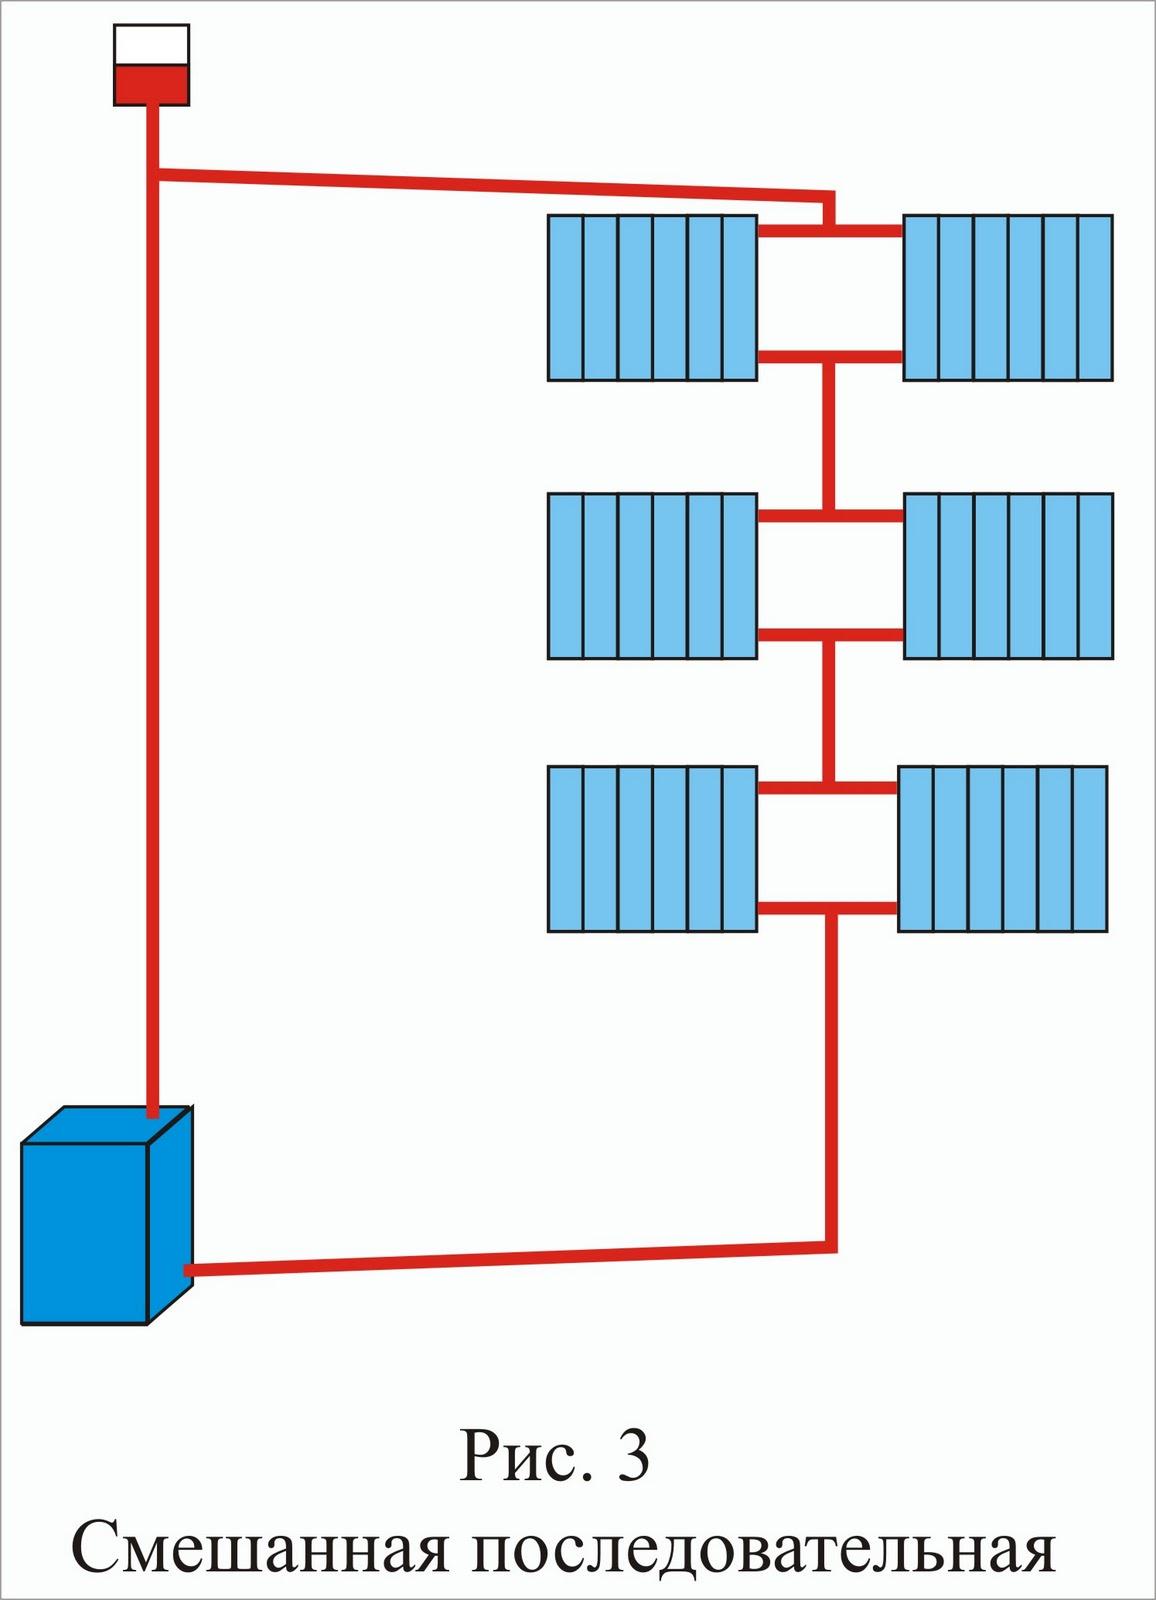 Схеме подключения лампочекчерез трансформатор в гипсокартонной конструкции